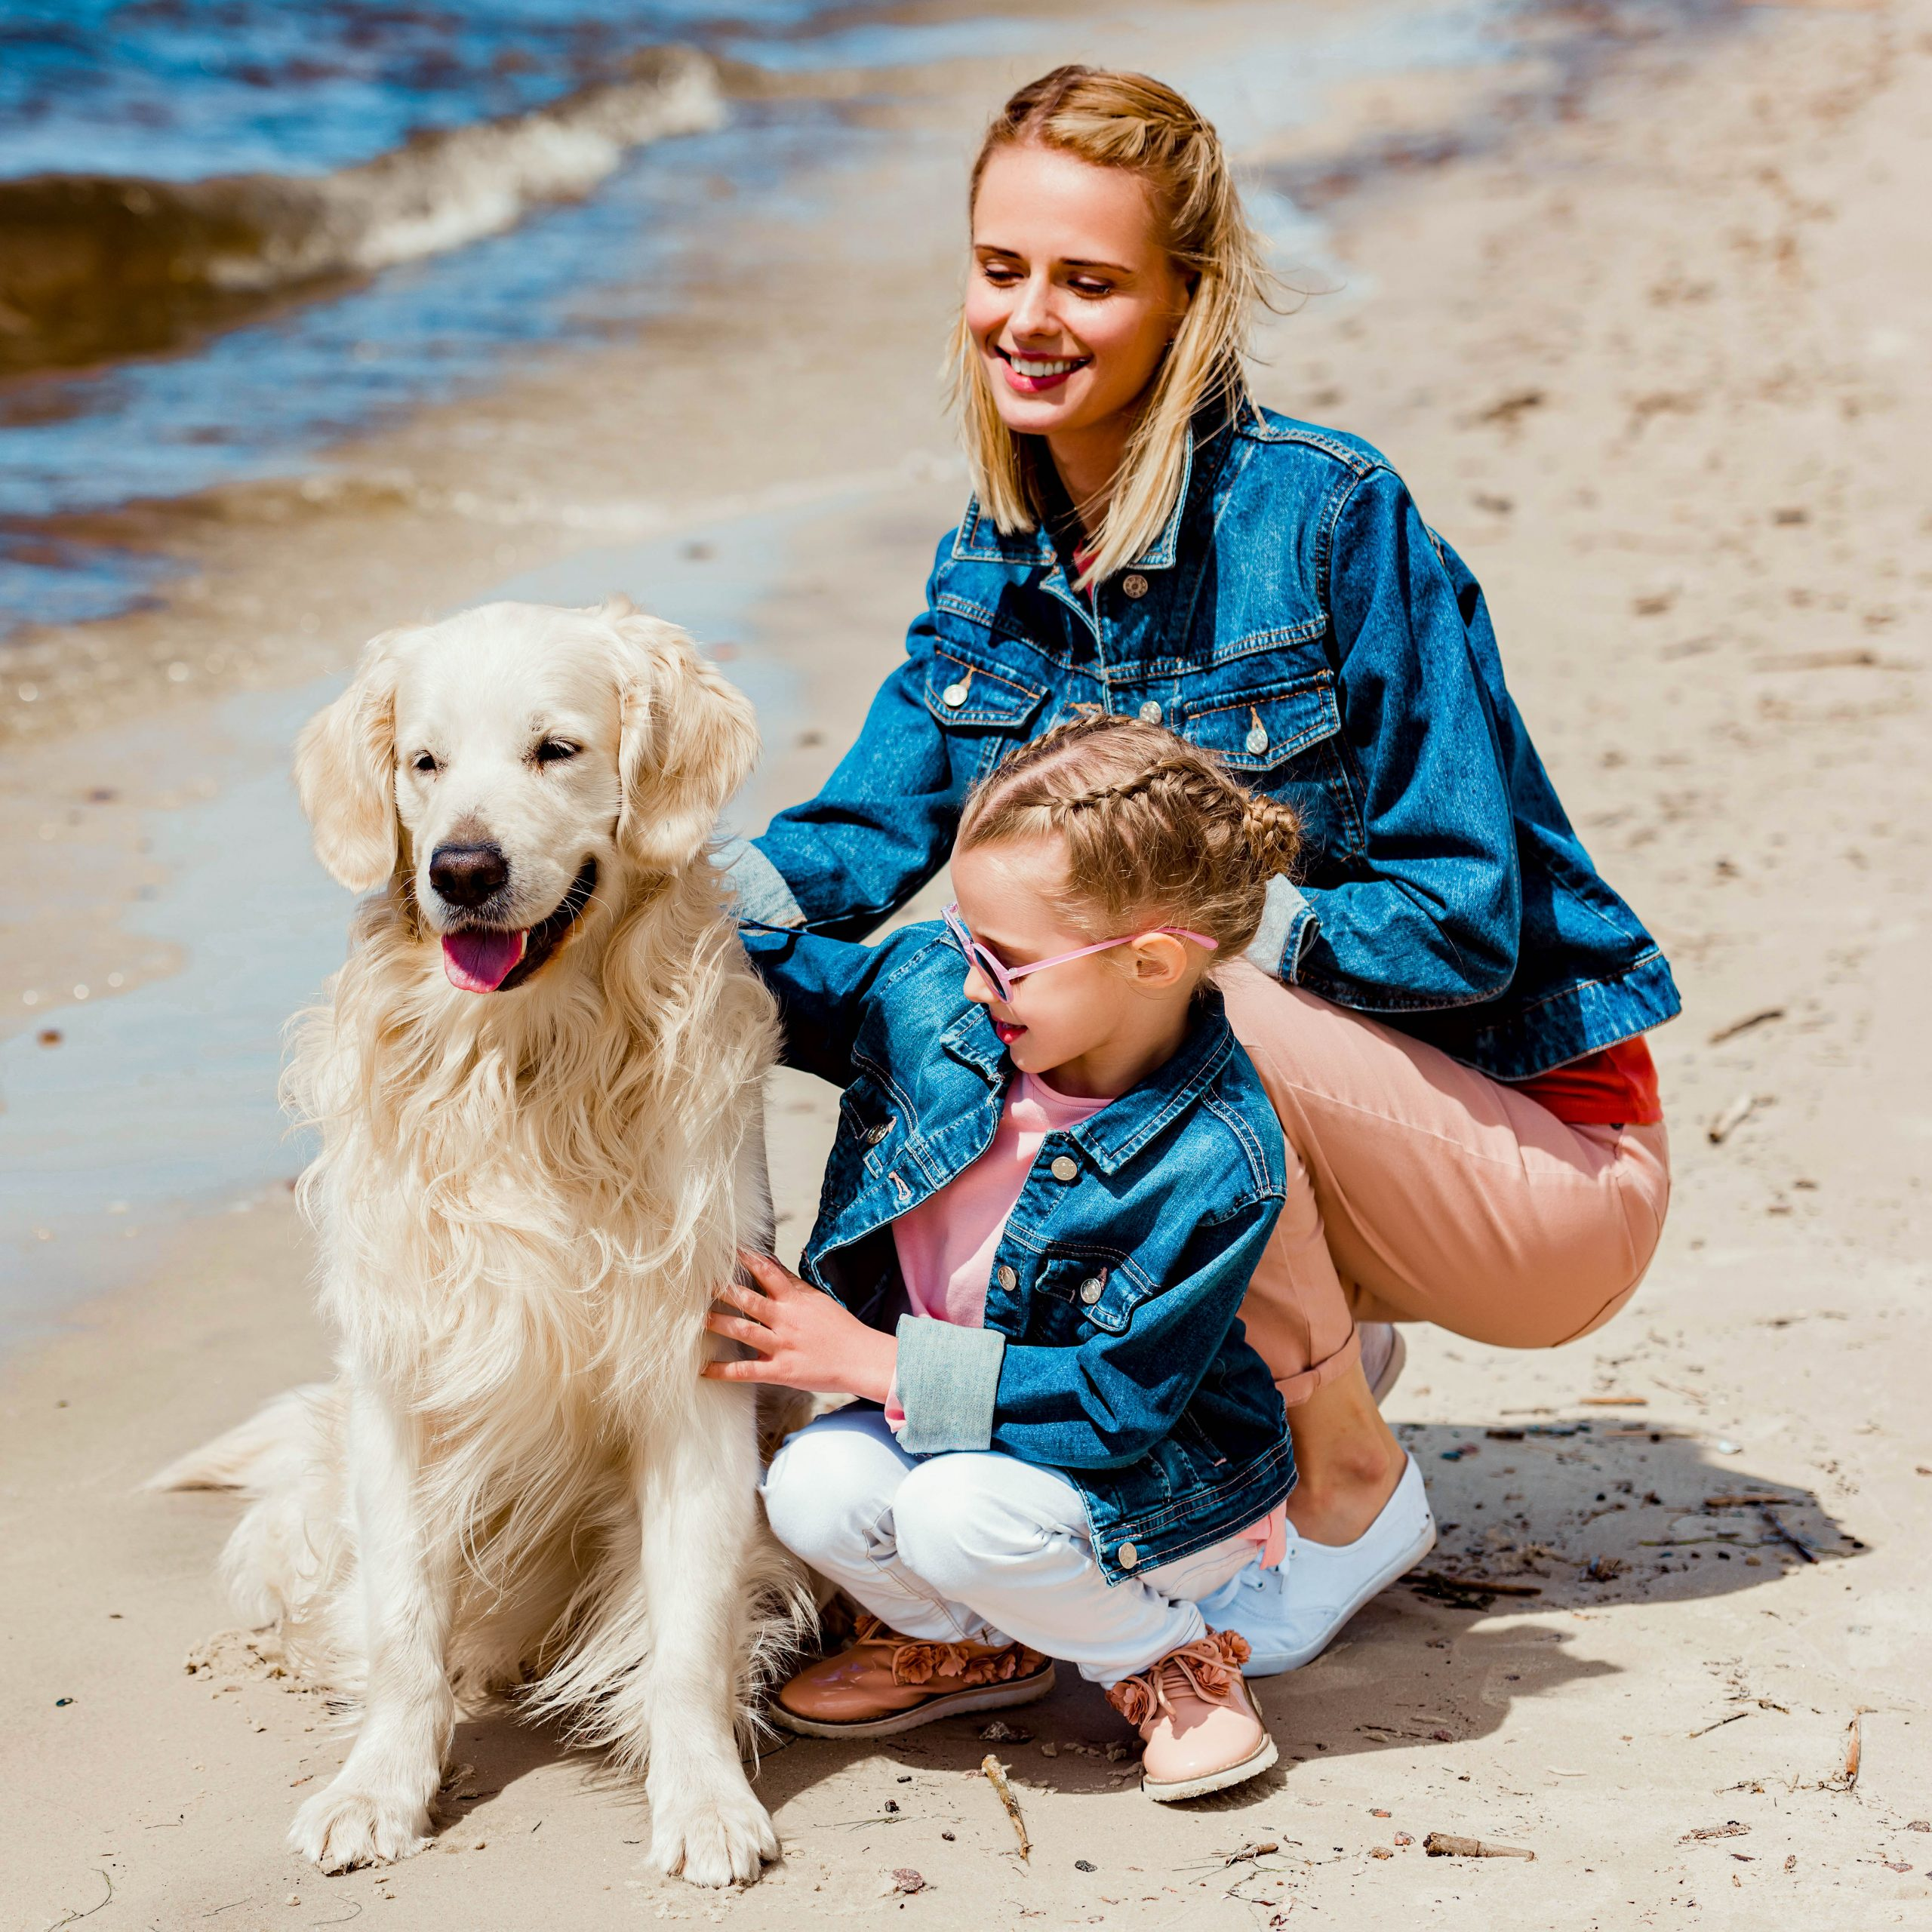 Mutter mit Tochter am Meer mit Ihrem Hund